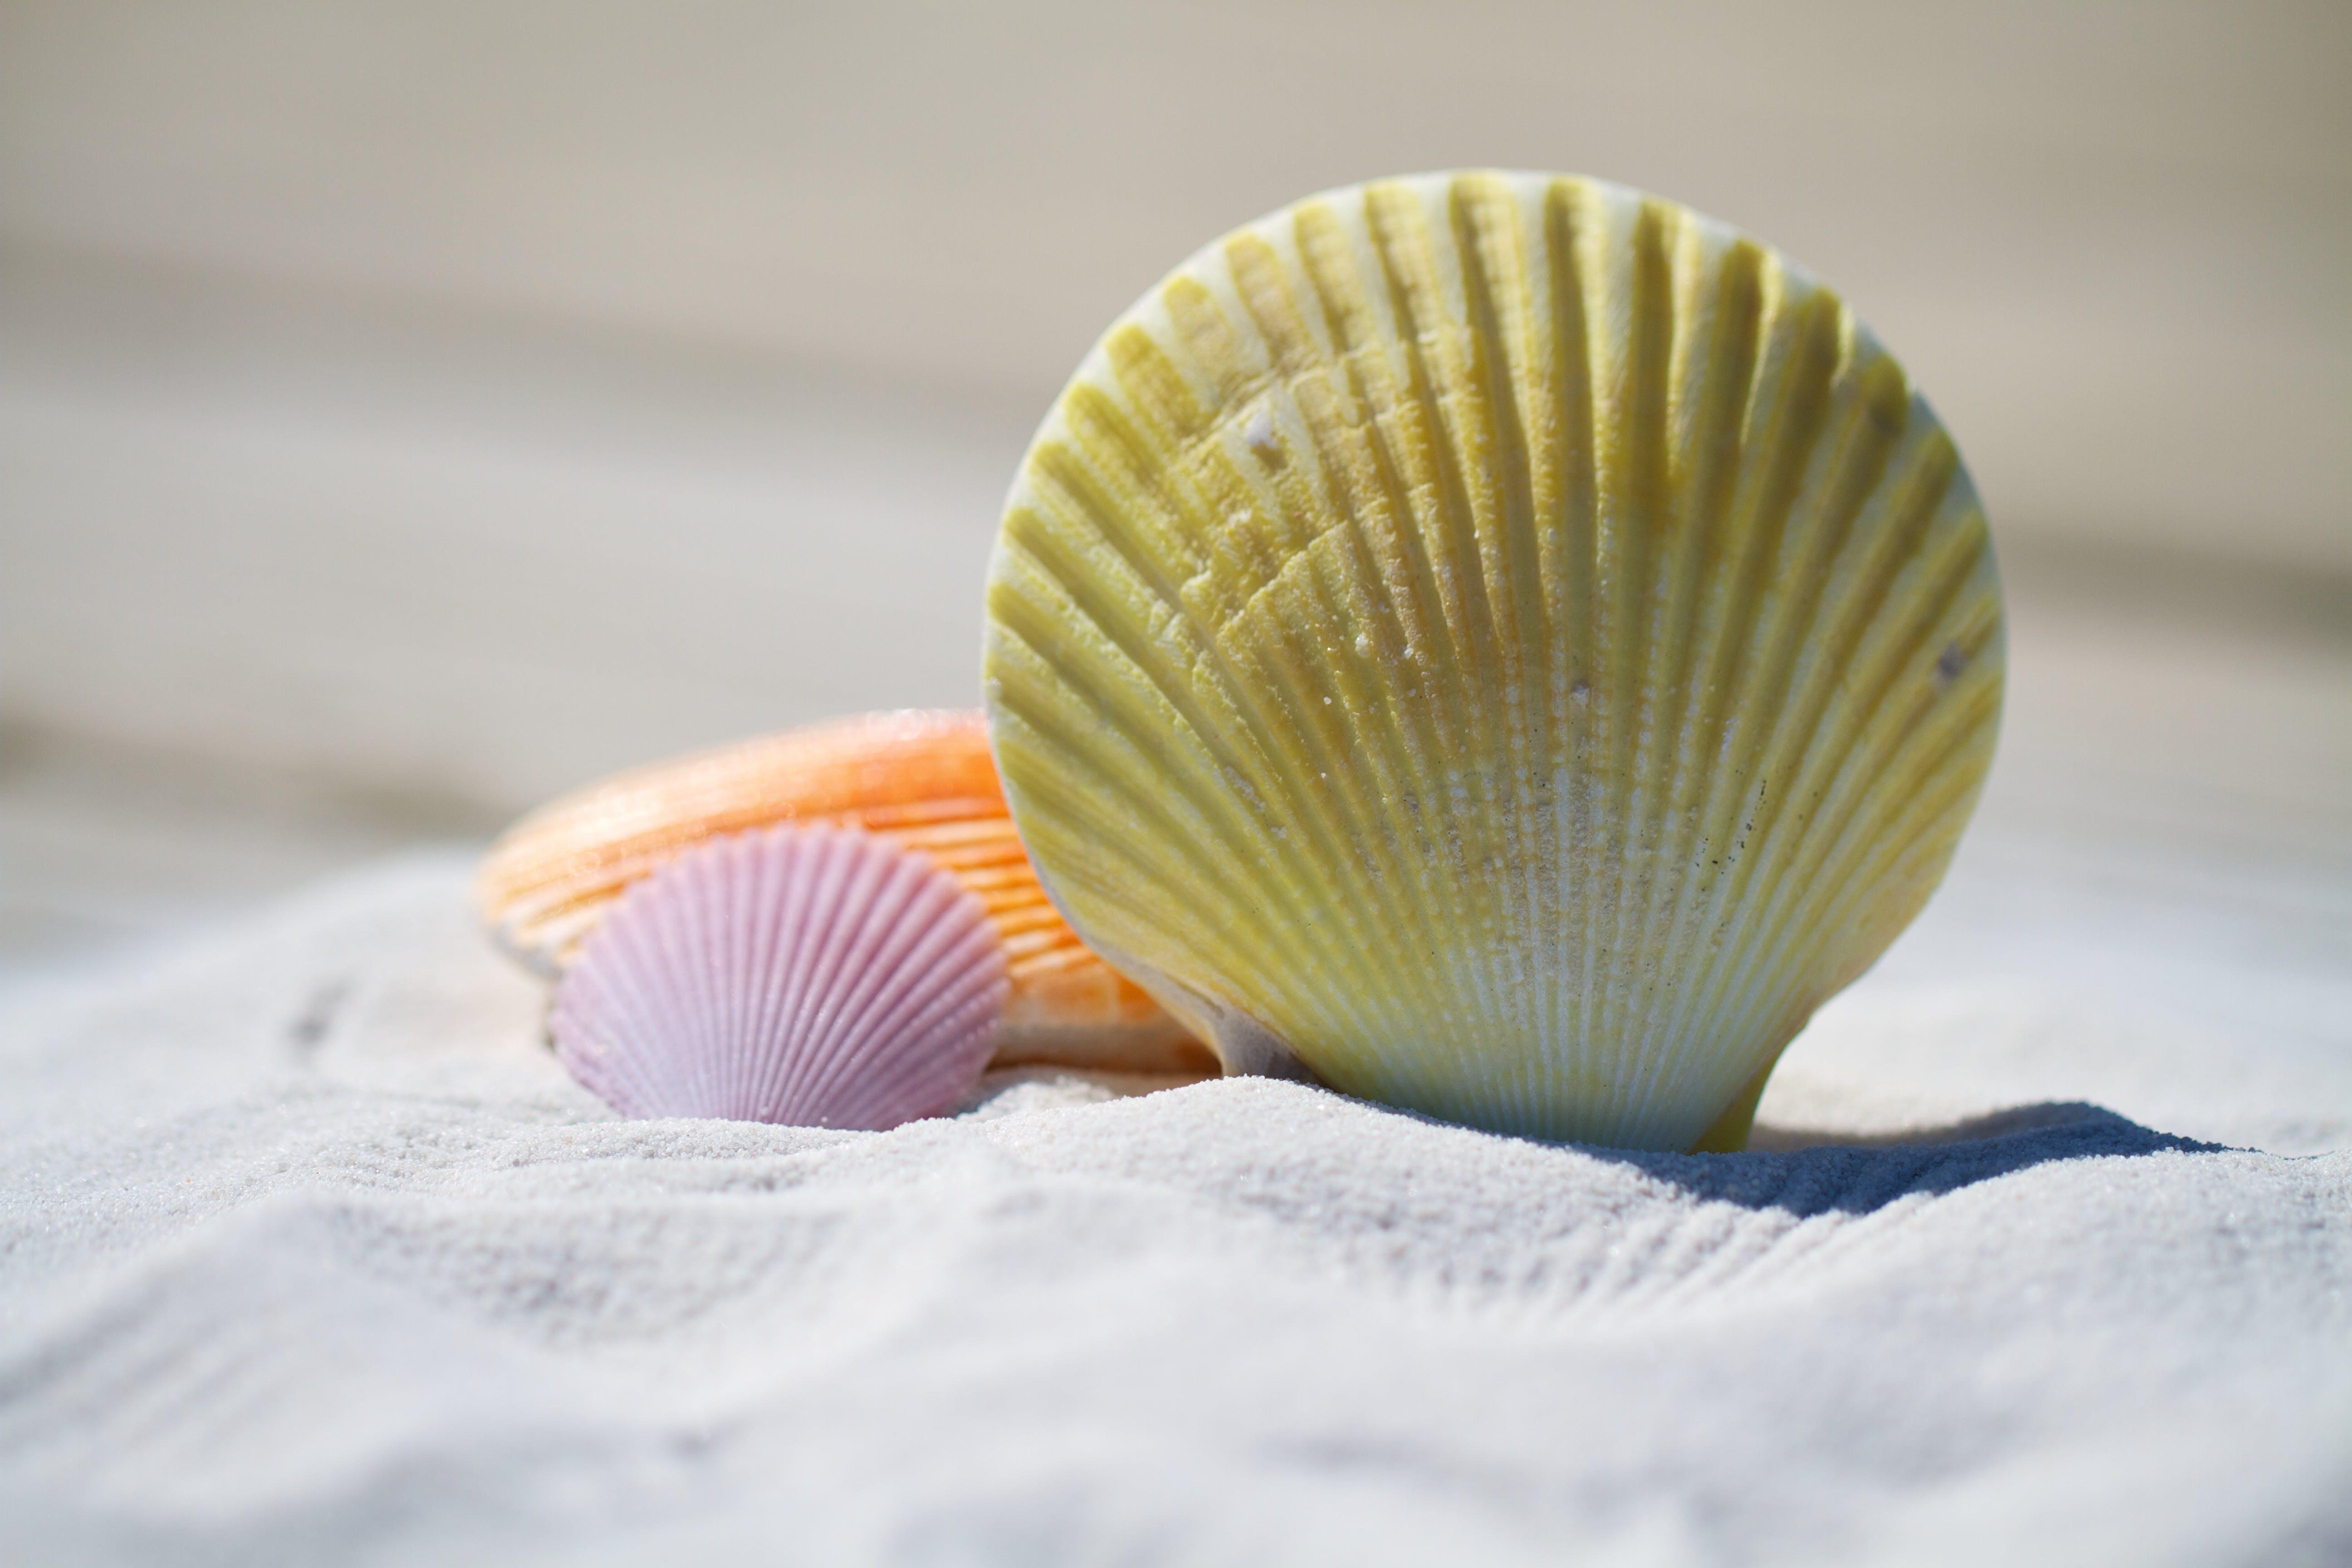 HD 바탕화면, 모래, 자연, 해변의 무료 스톡 사진